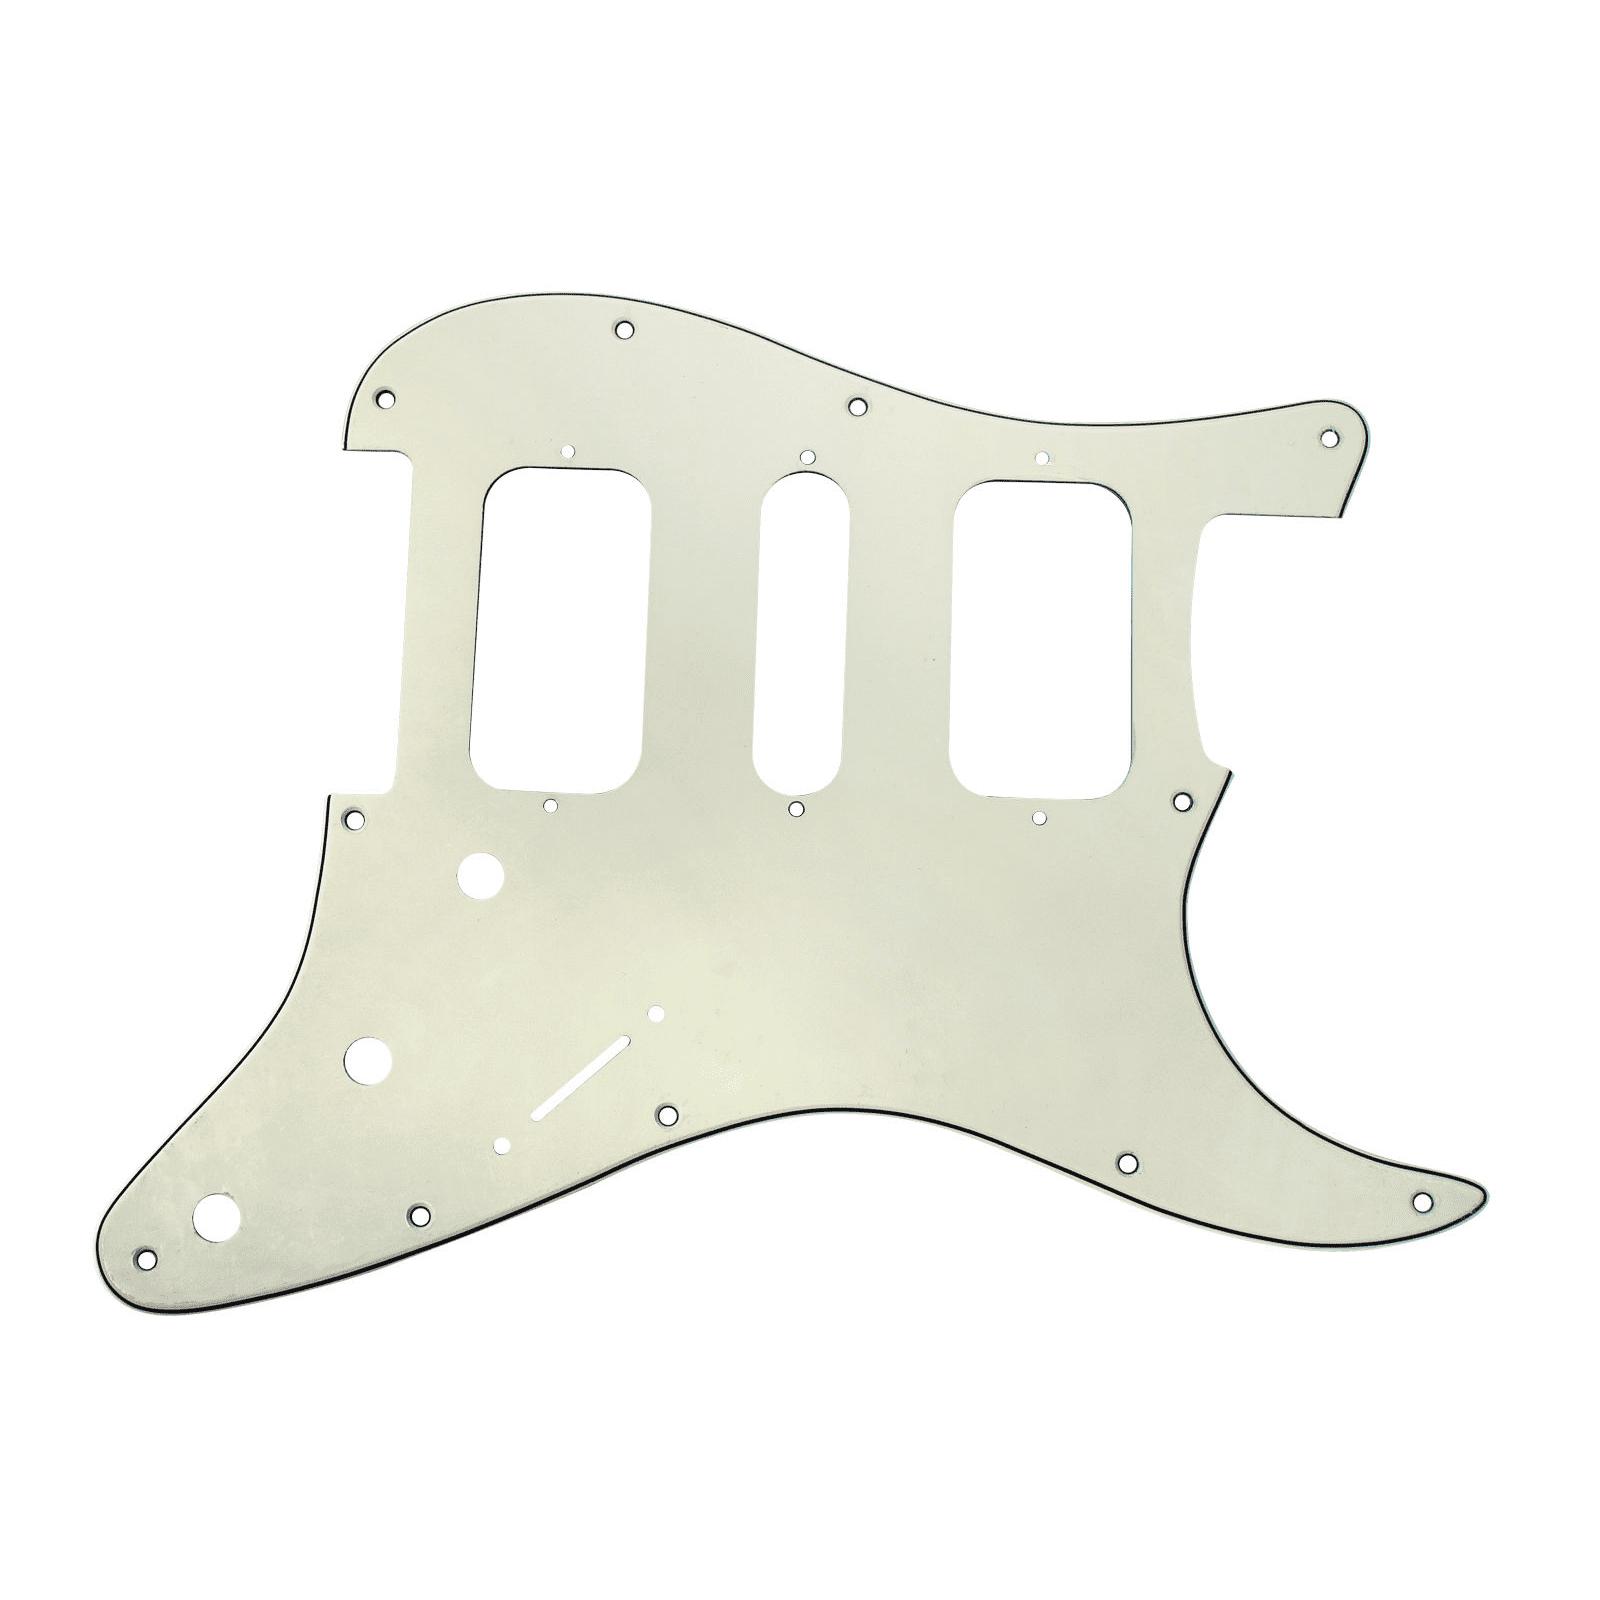 920D Strat 3 Ply HSH Pickguard Fender Stratocaster CNC Cut, Parchment by